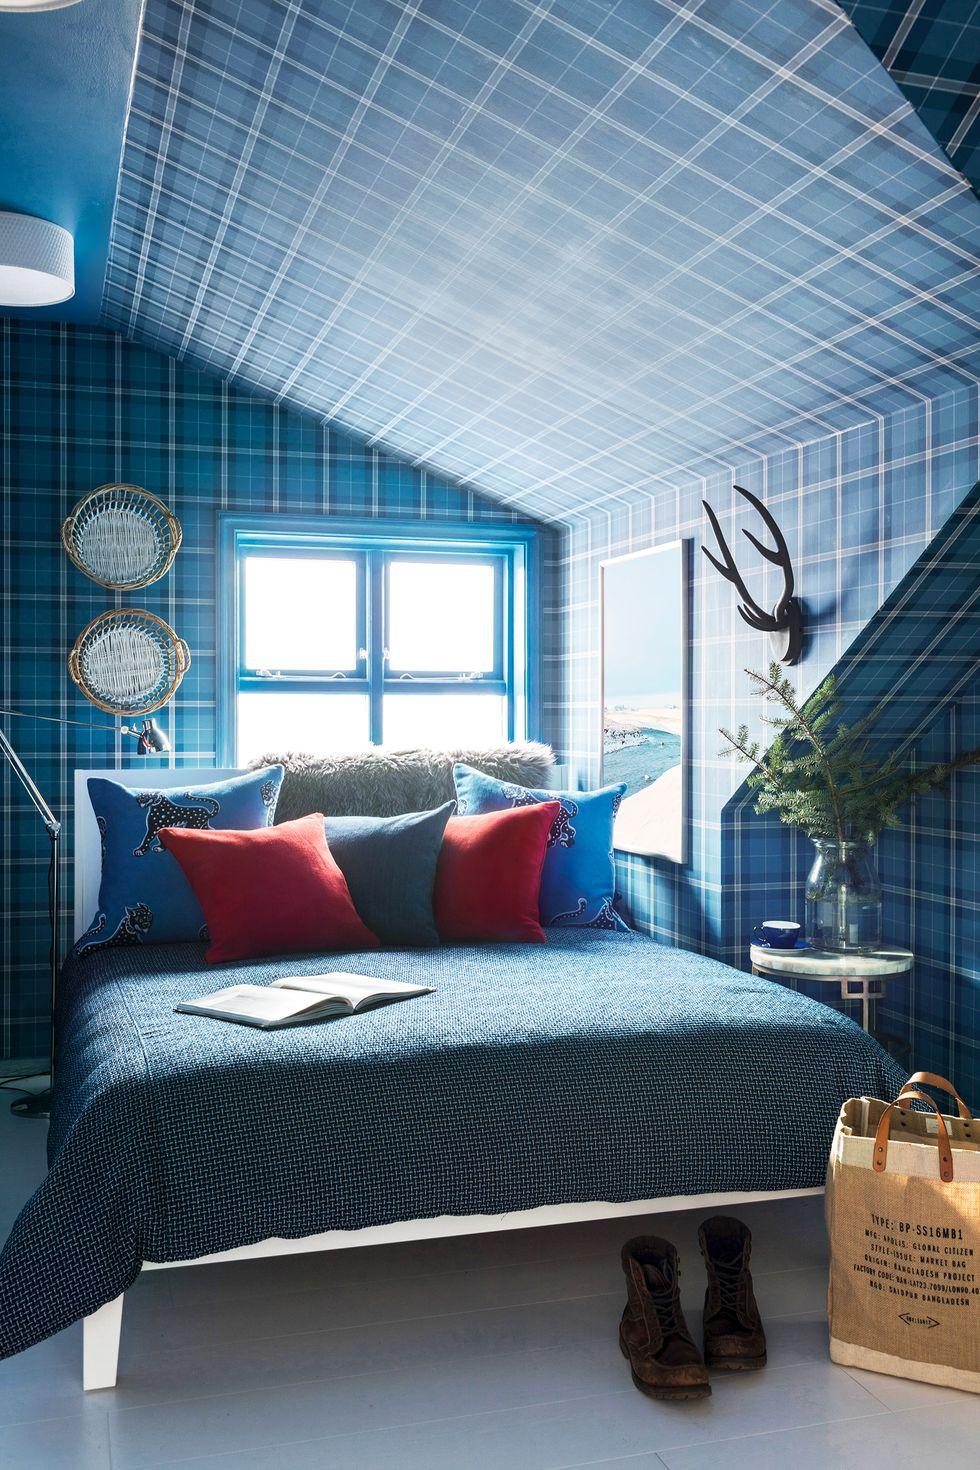 phòng ngủ nhỏ xíu này thành một thế giới rộng lớn với giấy dán tường phong phú, trang trí tường theo chiều và đồ nội thất cân đối hoàn hảo. Màu đỏ tạo thêm bất ngờ thú vị và khuyến khích chúng ta kết hợp các màu cơ bản.